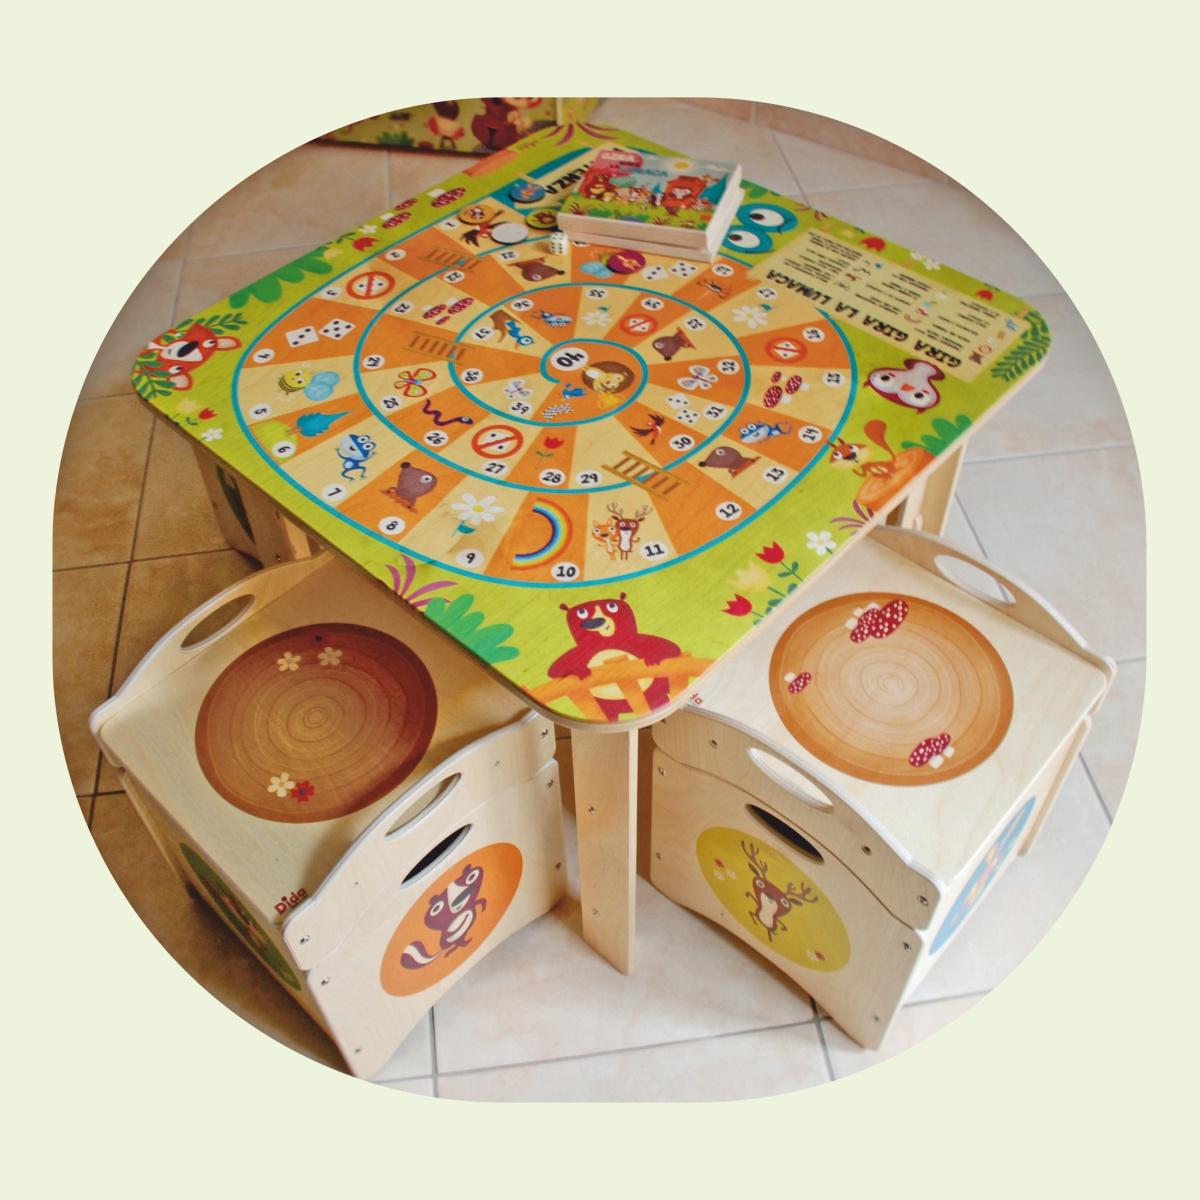 Tavolo gioco bambino in legno rivisitazione del gioco for Tavolo legno bimbi